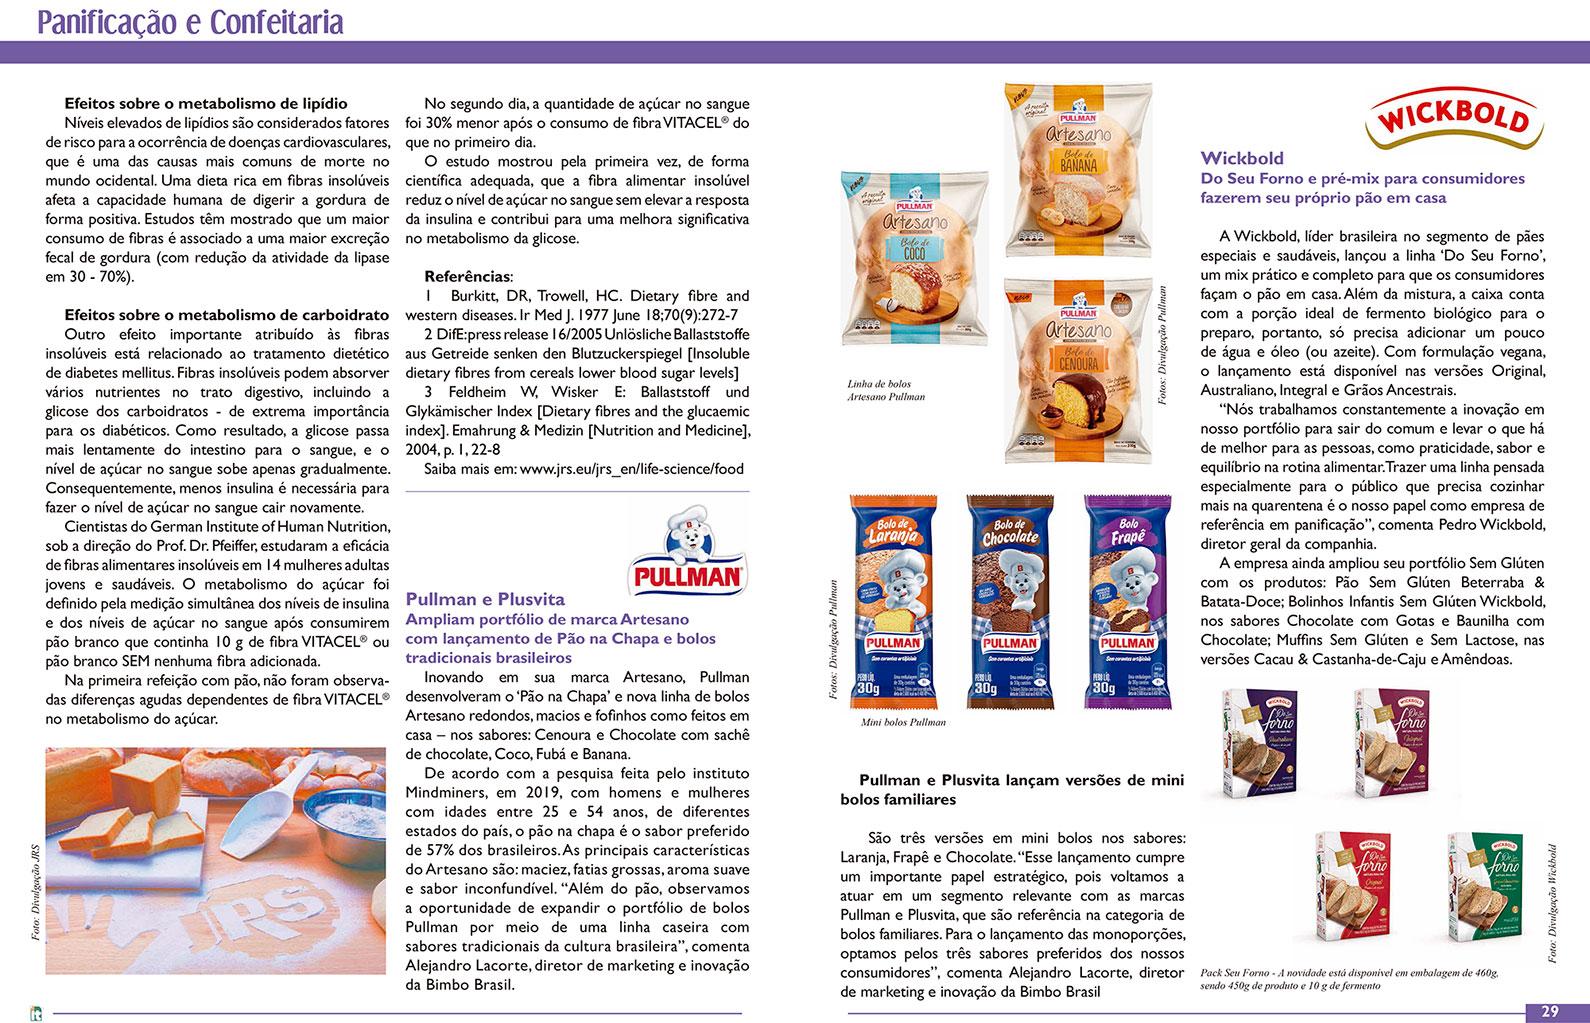 Pão nosso mais saudável - IT Ingredientes e Alimentos